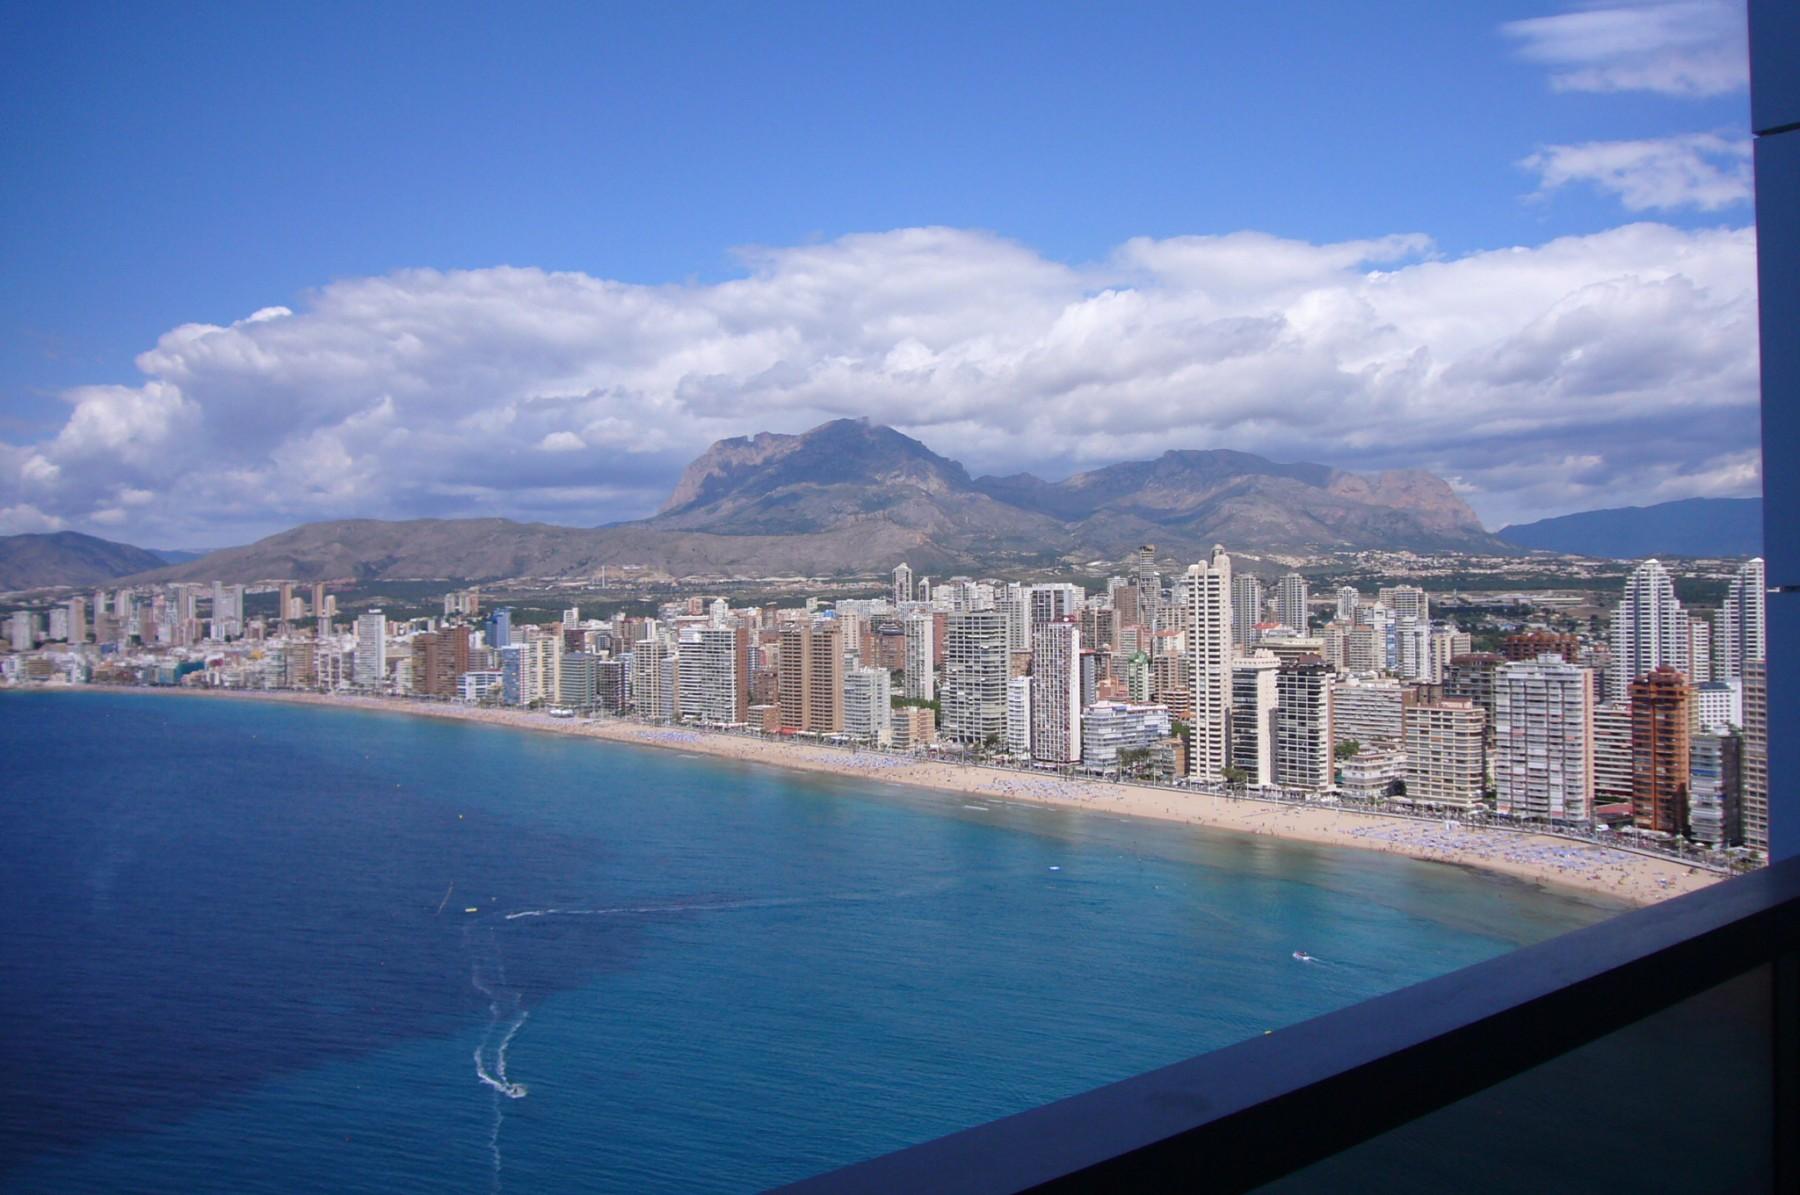 Apartamentos en benidorm gemelos 28 2 dormitorios 2 dormitorios - Alquiler de apartamentos en benidorm particulares ...